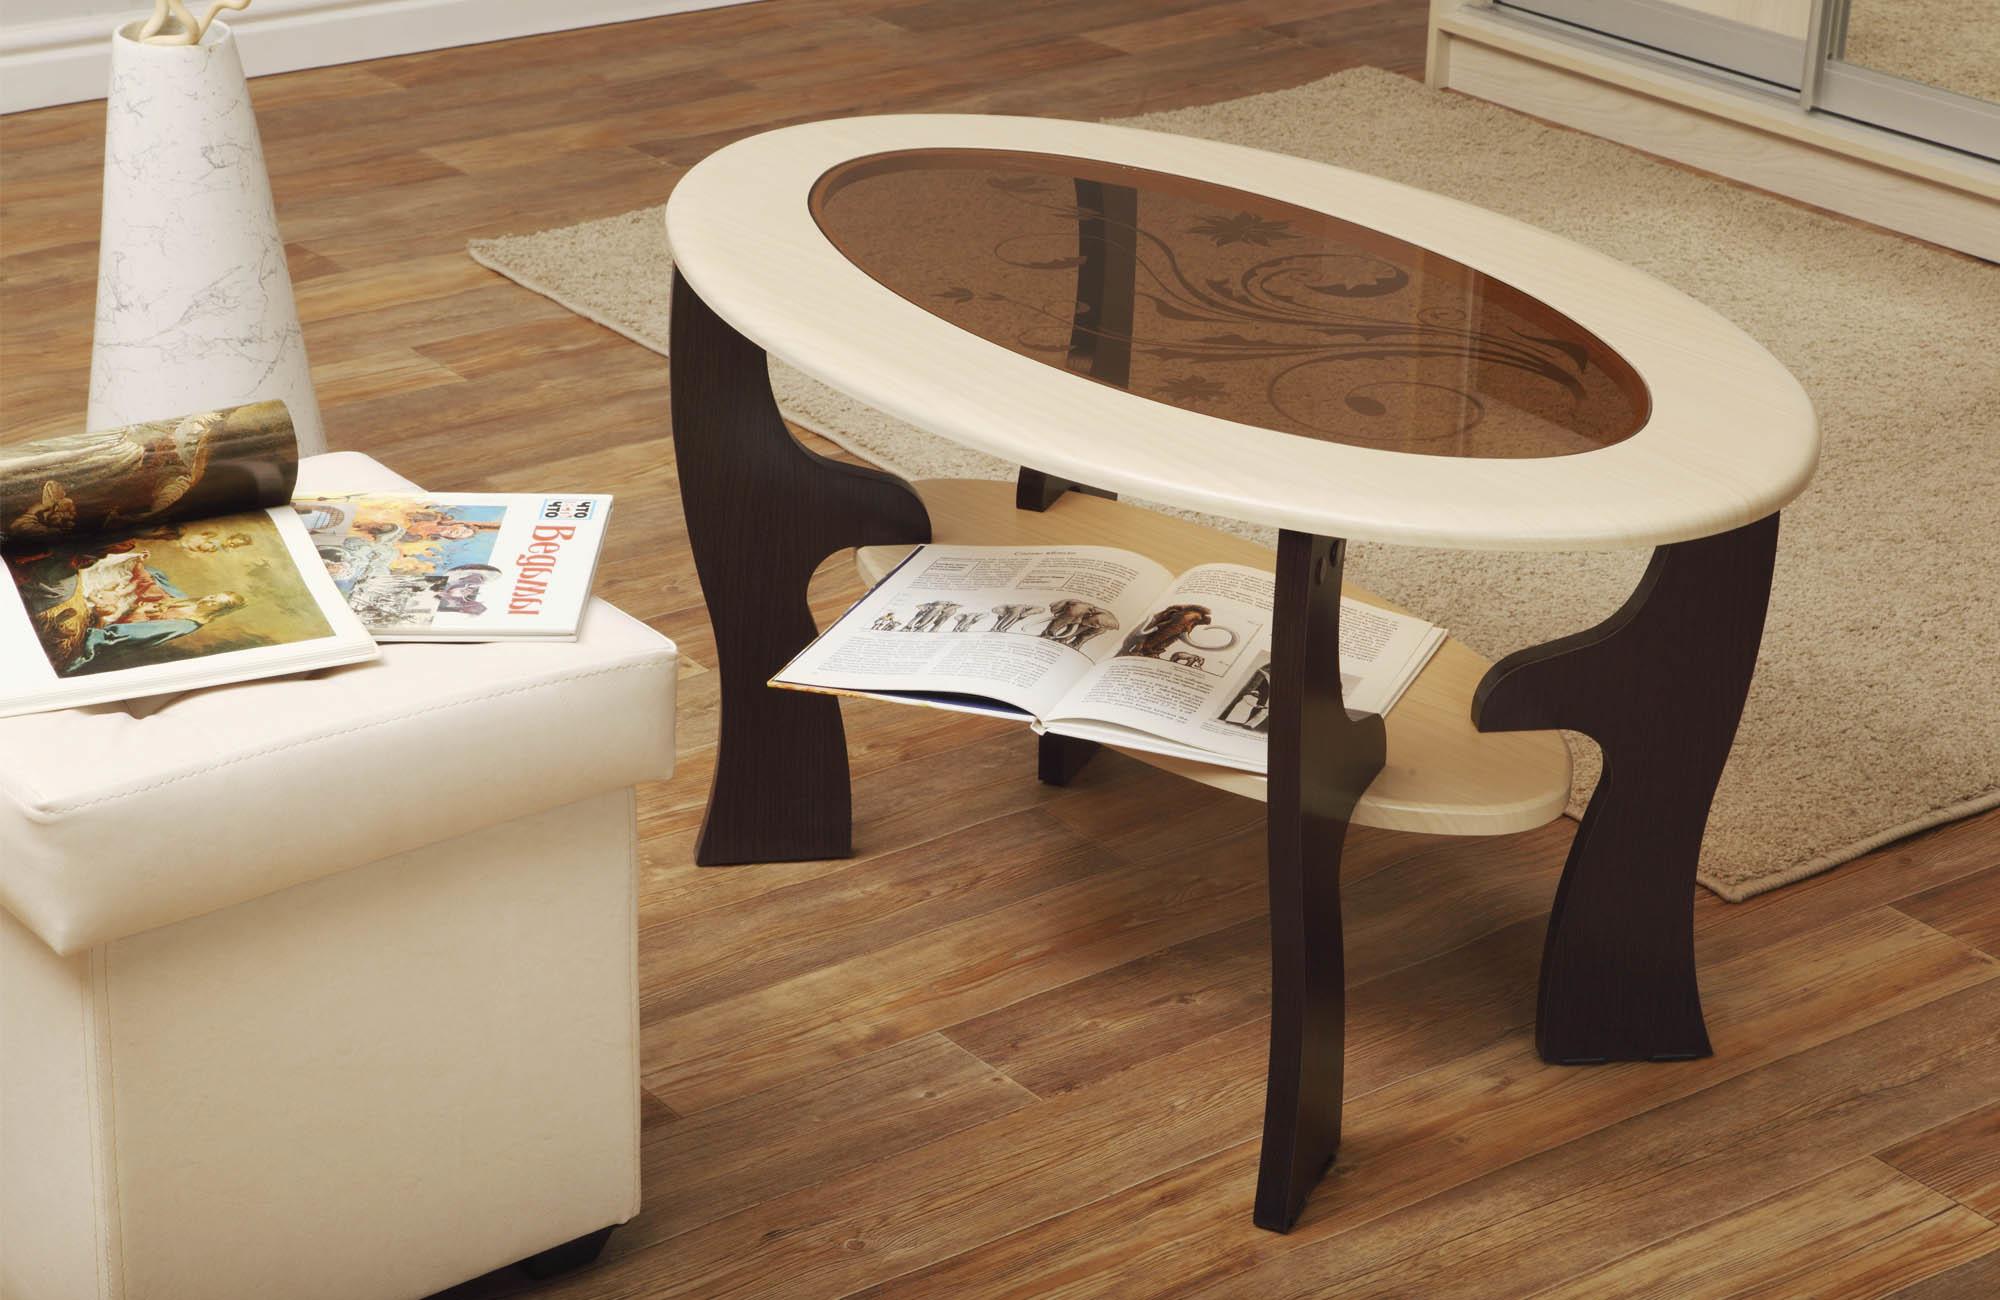 Журнальный стол Маджеста - 4 с пескоструемЖурнальные столики<br><br><br>Длина мм: 1000<br>Высота мм: 522<br>Глубина мм: 600